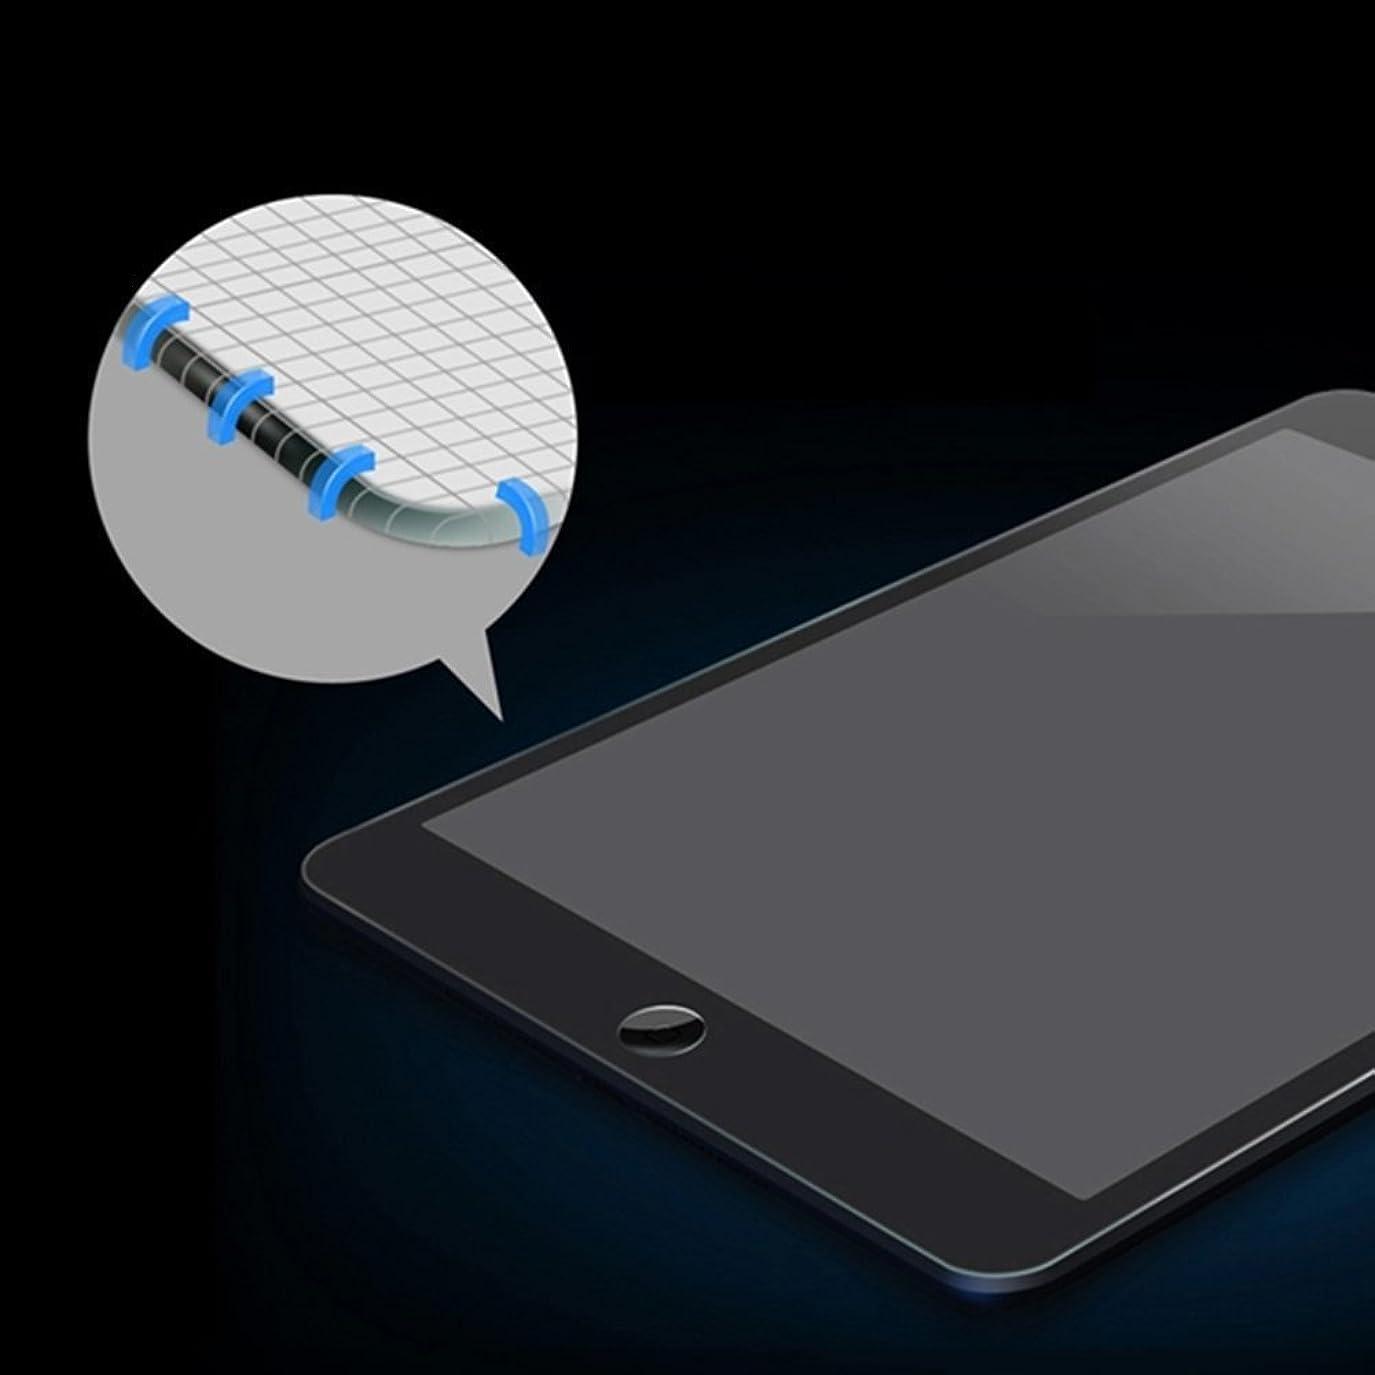 殺人者麺アレンジWeTop Huawei Mediapad T2 7.0 Pro 専用強化ガラスフィルム 硬度9H 超薄0.33mm 2D 耐衝撃 撥油性 超耐久 耐指紋 飛散防止処理保護フィルム